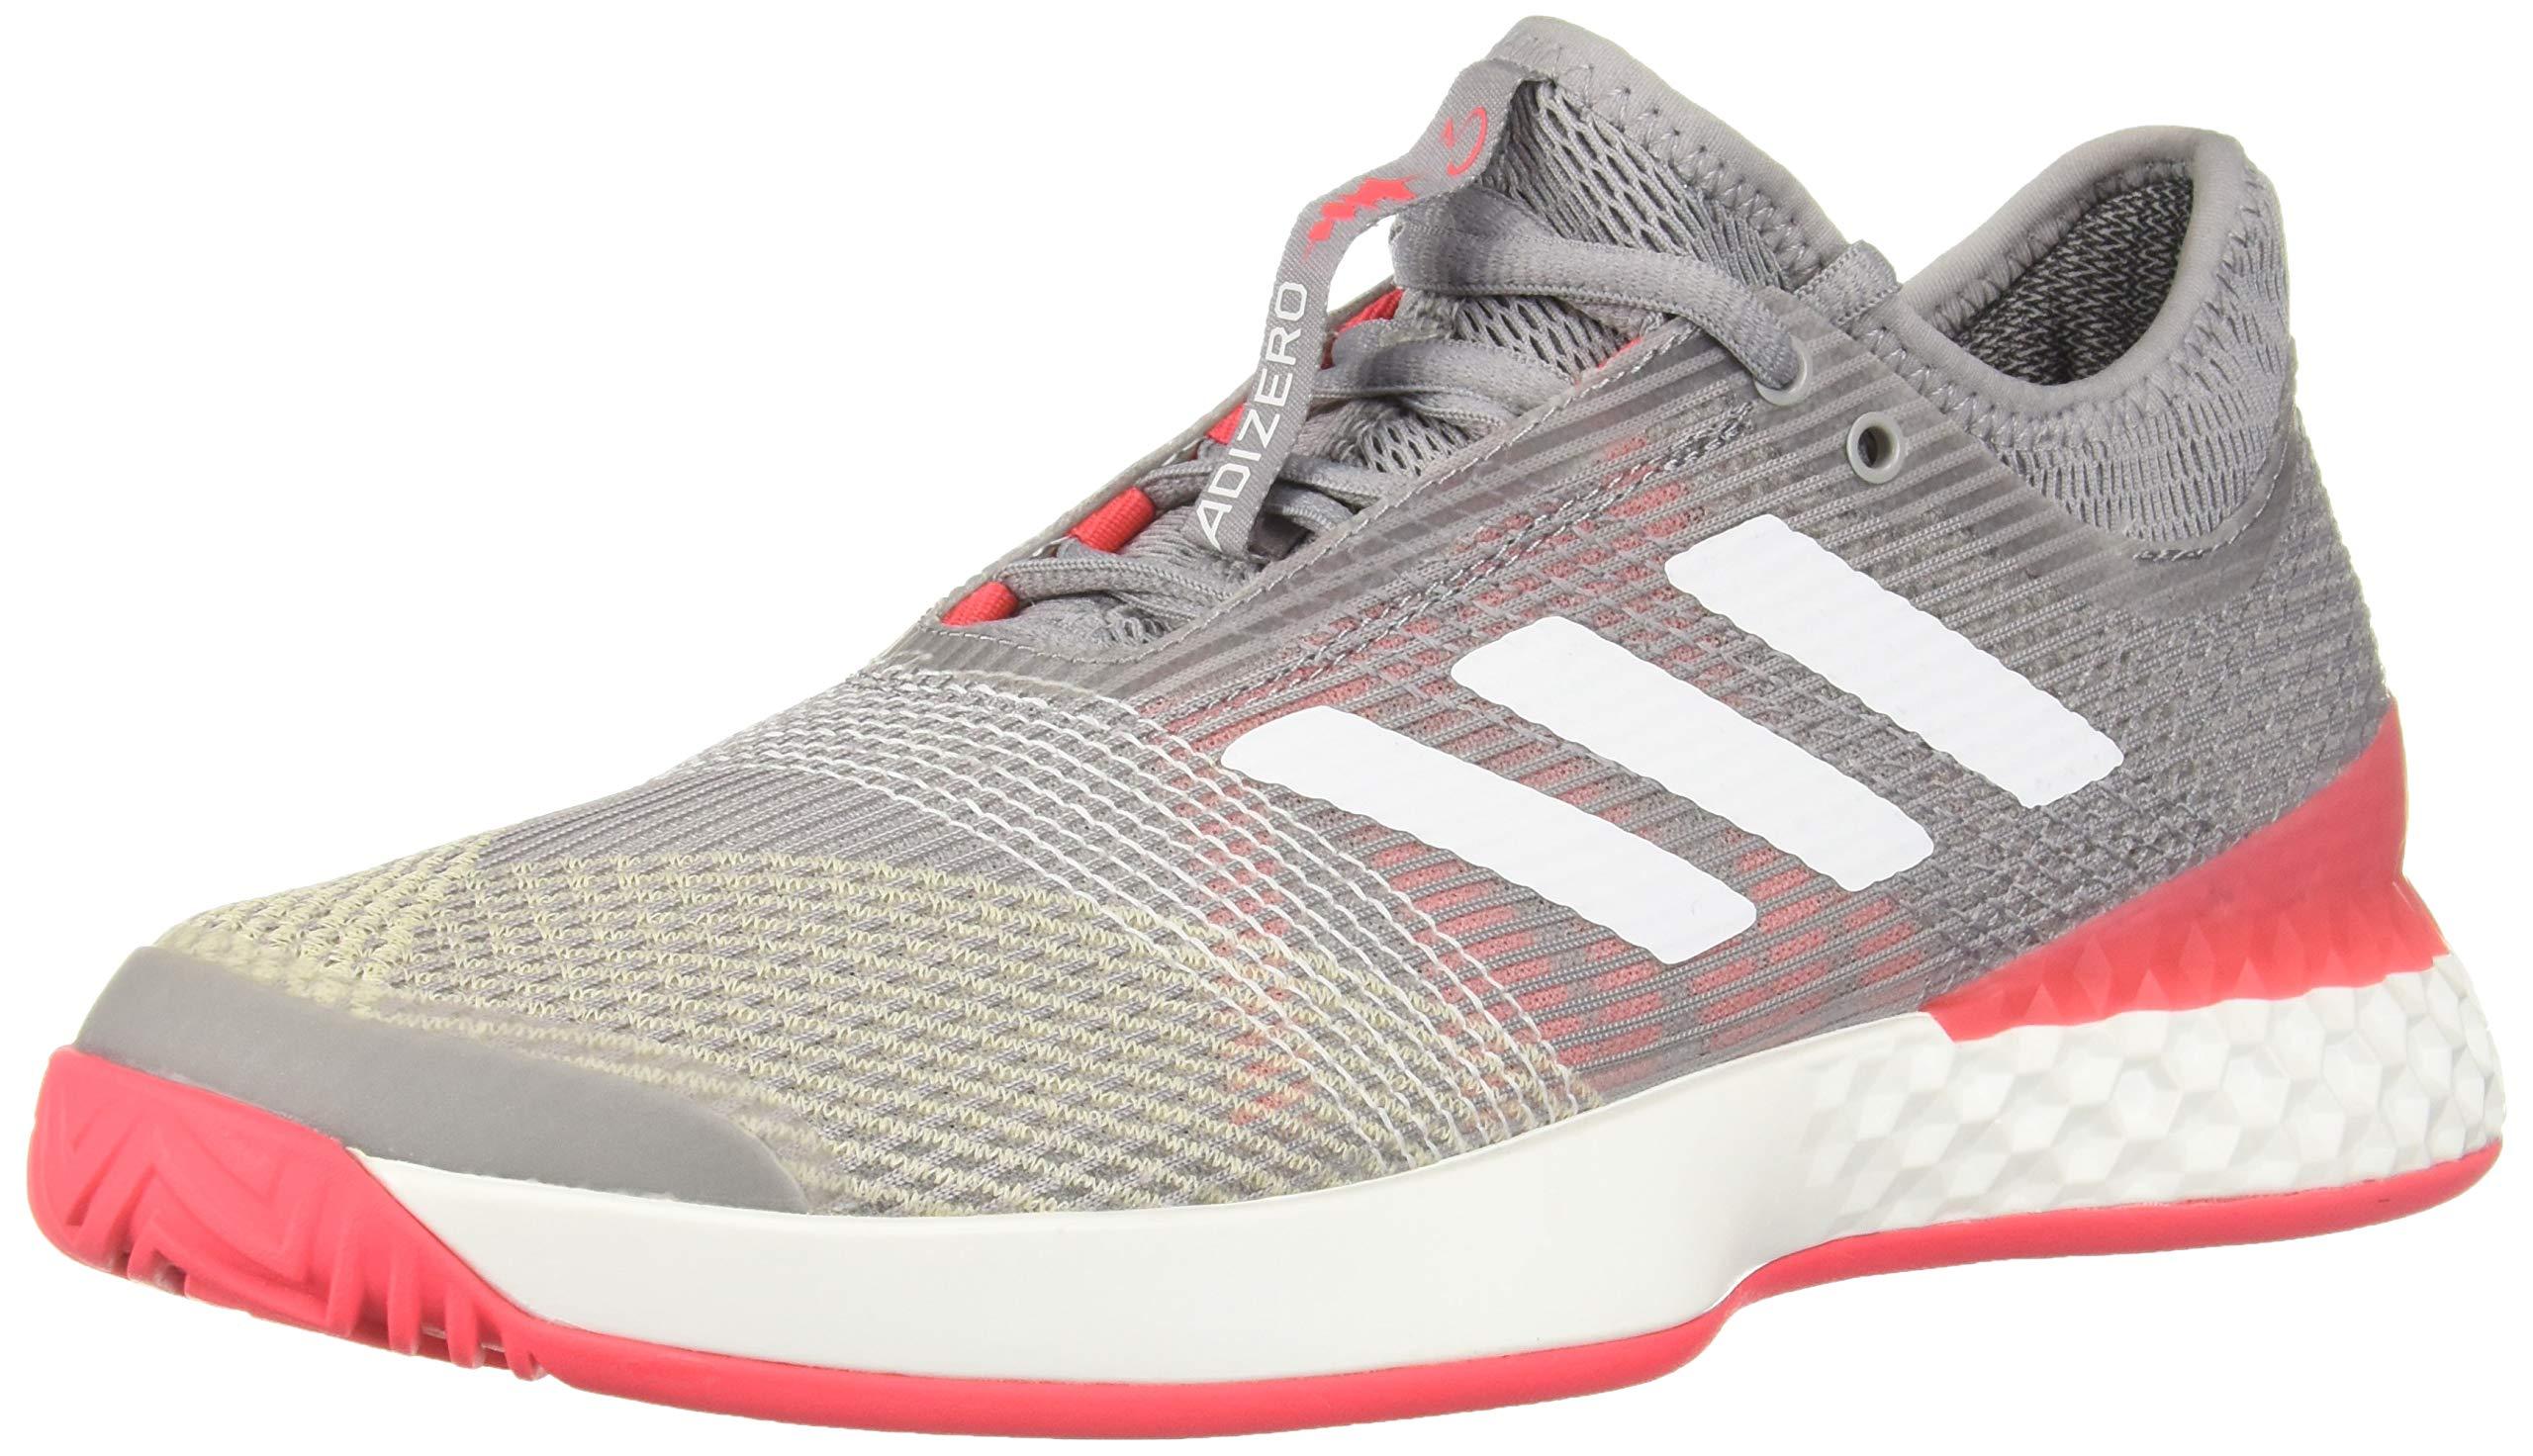 adidas Men's Adizero Ubersonic 3, Light Granite/White/Shock red 6.5 M US